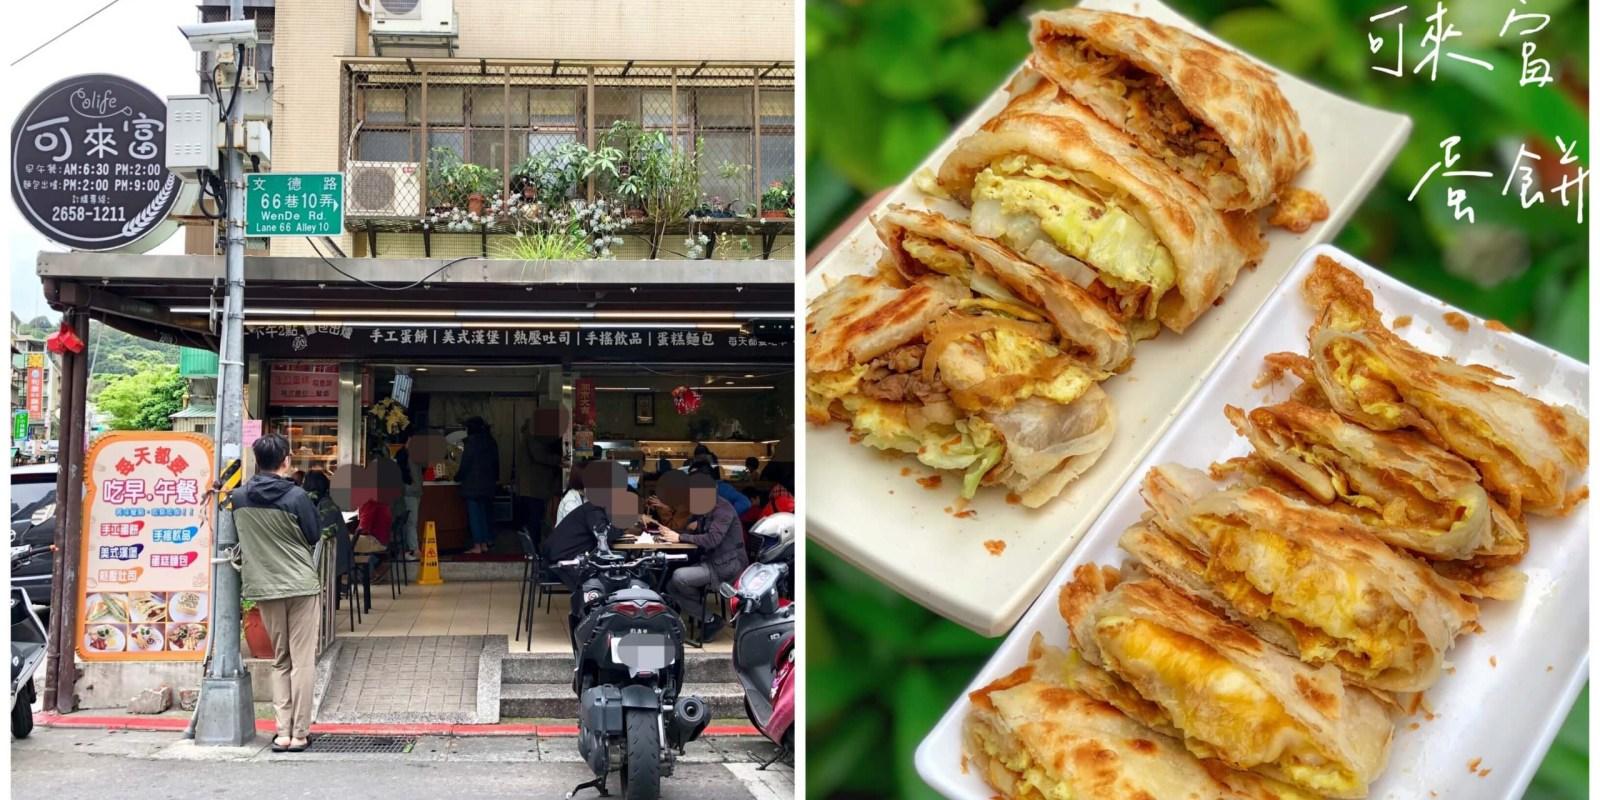 【台北美食】Colife可來富麵包蛋餅店 內湖必吃早餐,來這就要點酥脆蛋餅啦!